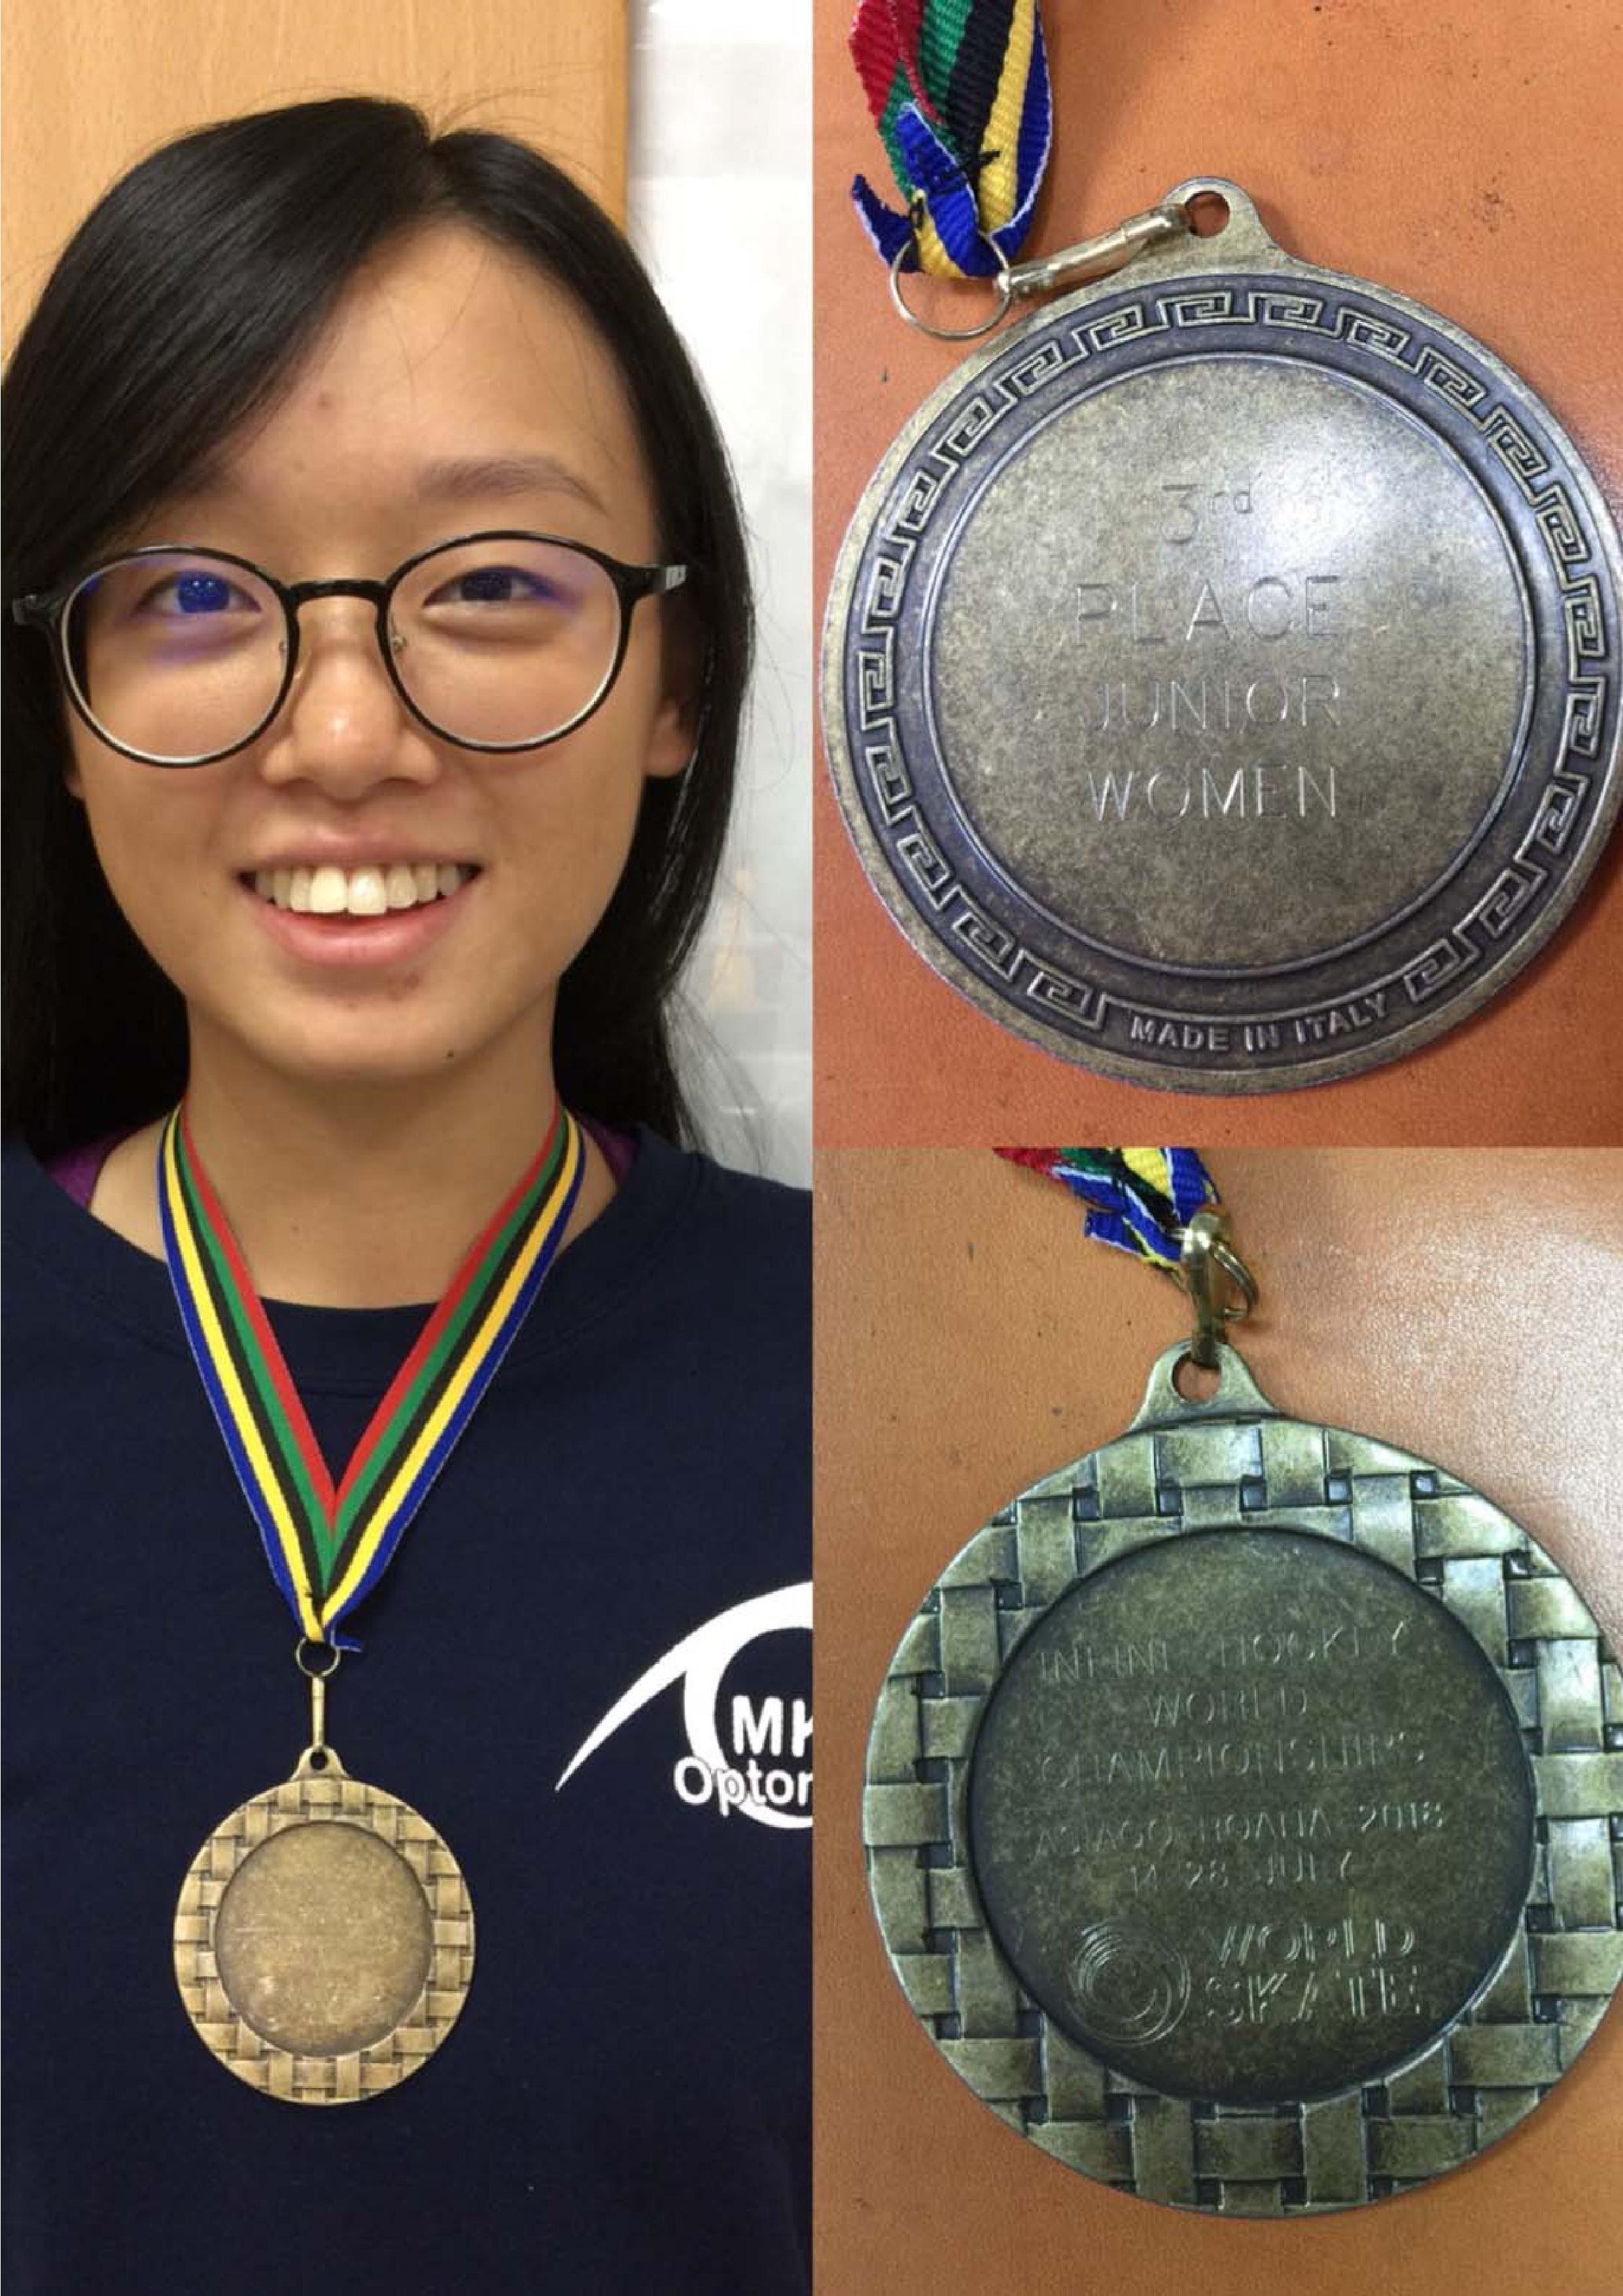 恭賀視光學科5年1班黃敏娟同學榮獲「2018 INLINE HOCKEY WORLD CHAMPIONSHIPS」女子冰球世界錦標賽銅牌